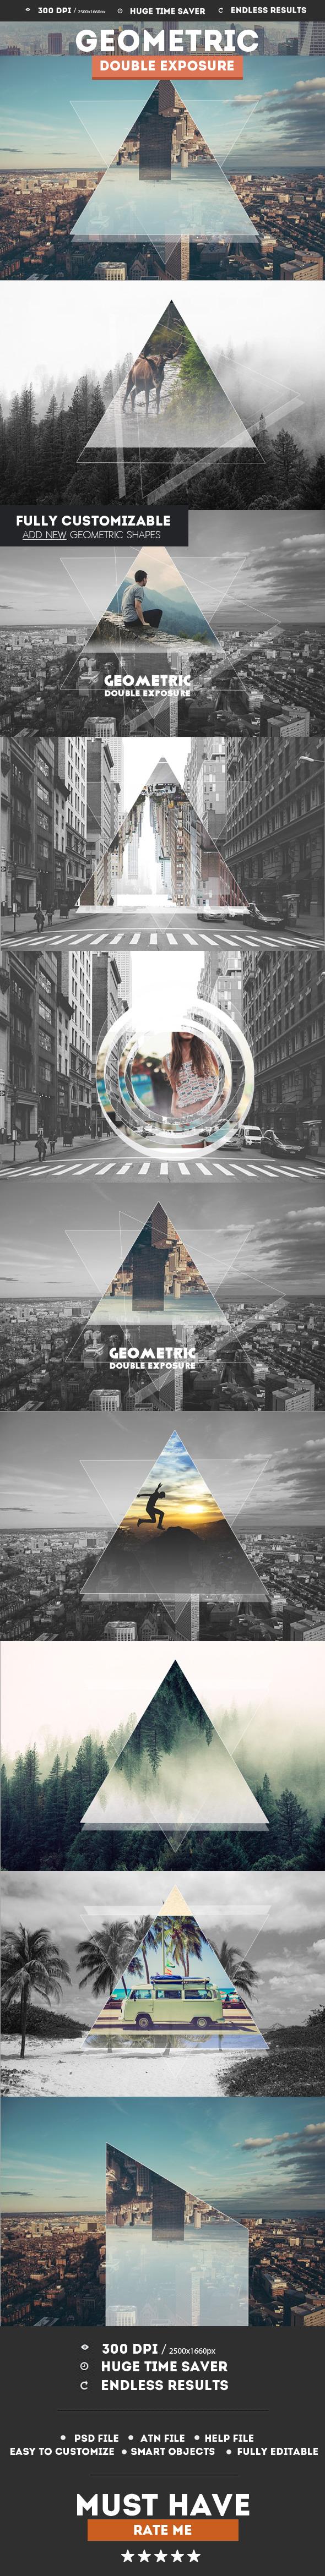 GraphicRiver Geometric Double Exposure Photoshop Creator 11525418